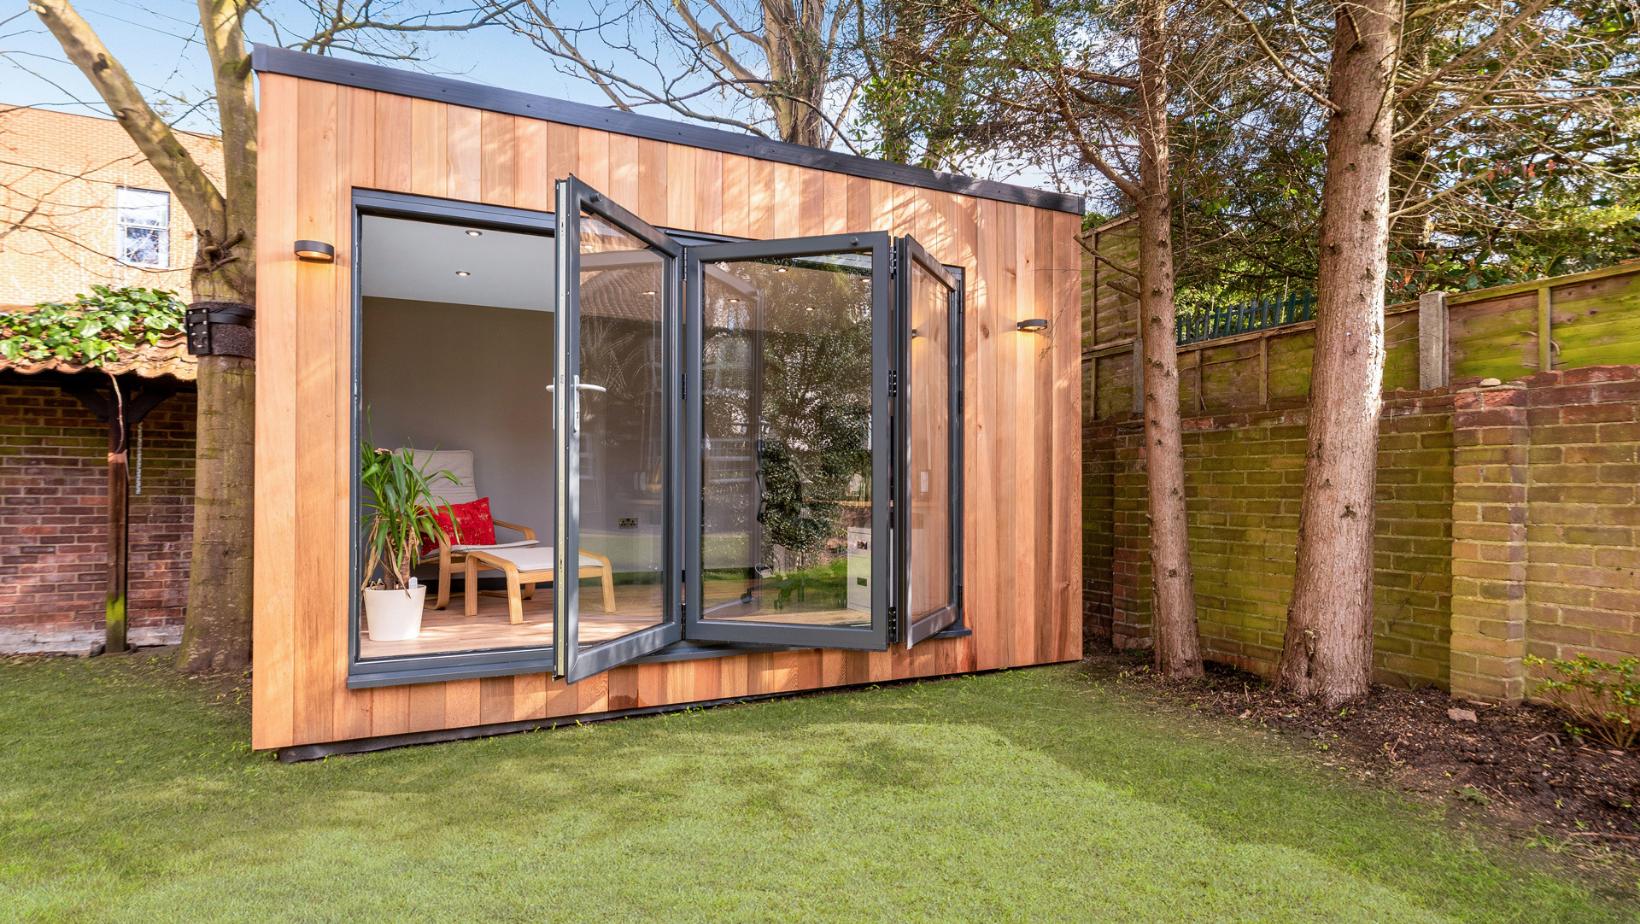 Small garden room in Essex